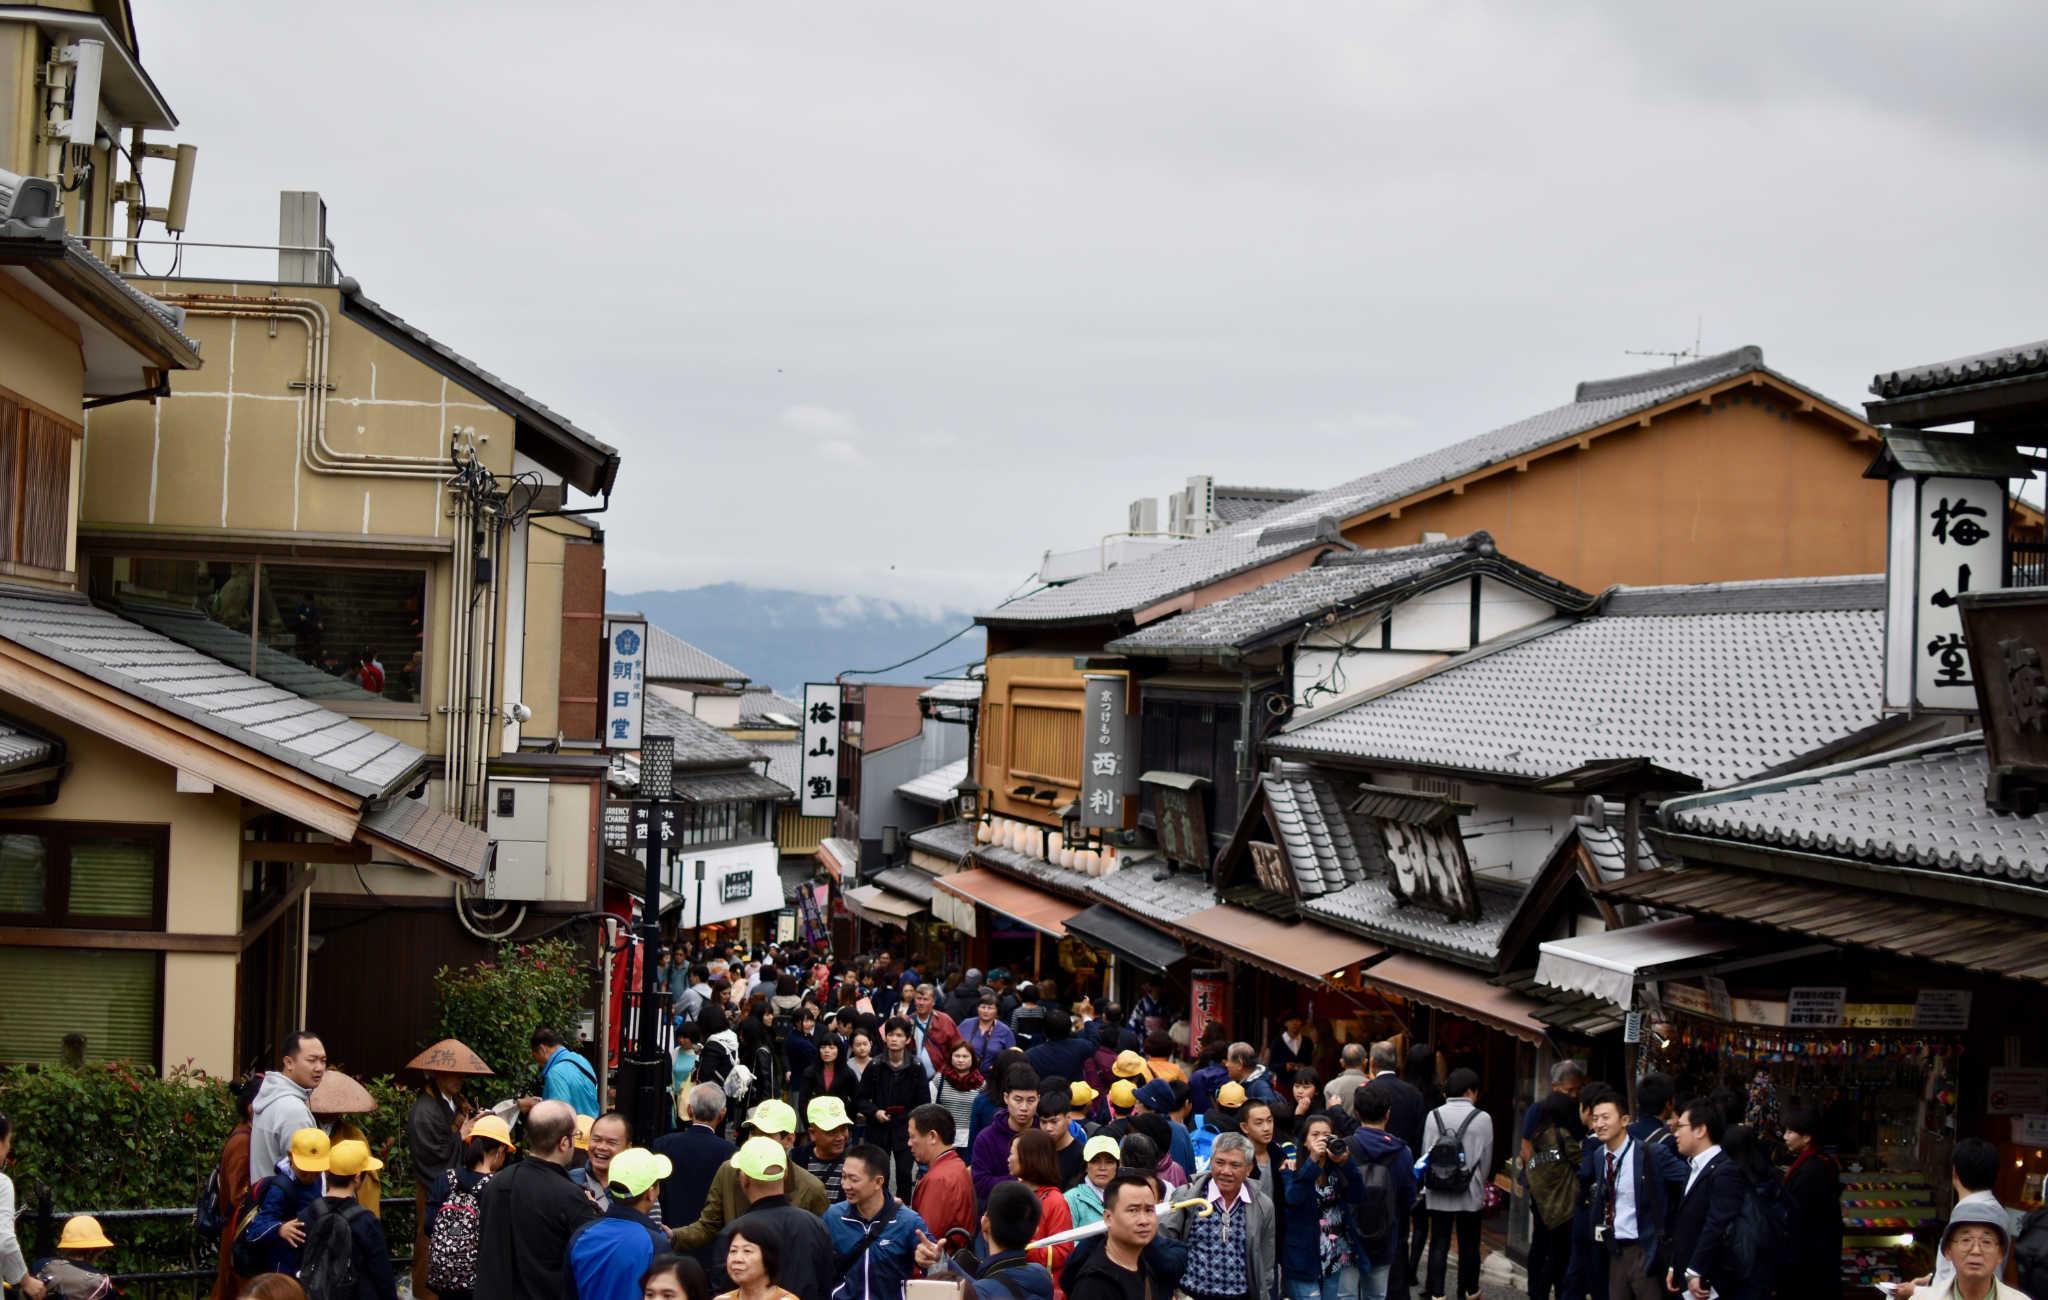 Sur la route menant au temple il y a toujours une foule très dense